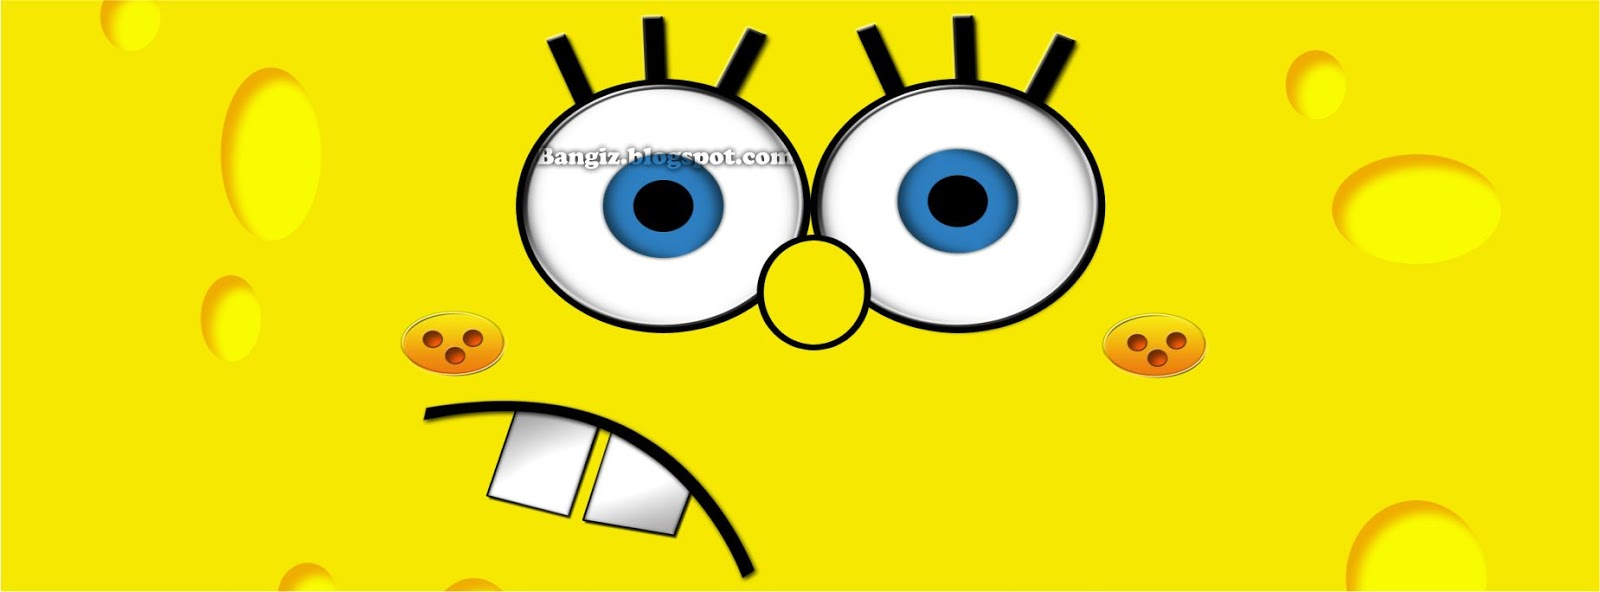 25 Foto Sampul Spongebob Terbaru Bangiz